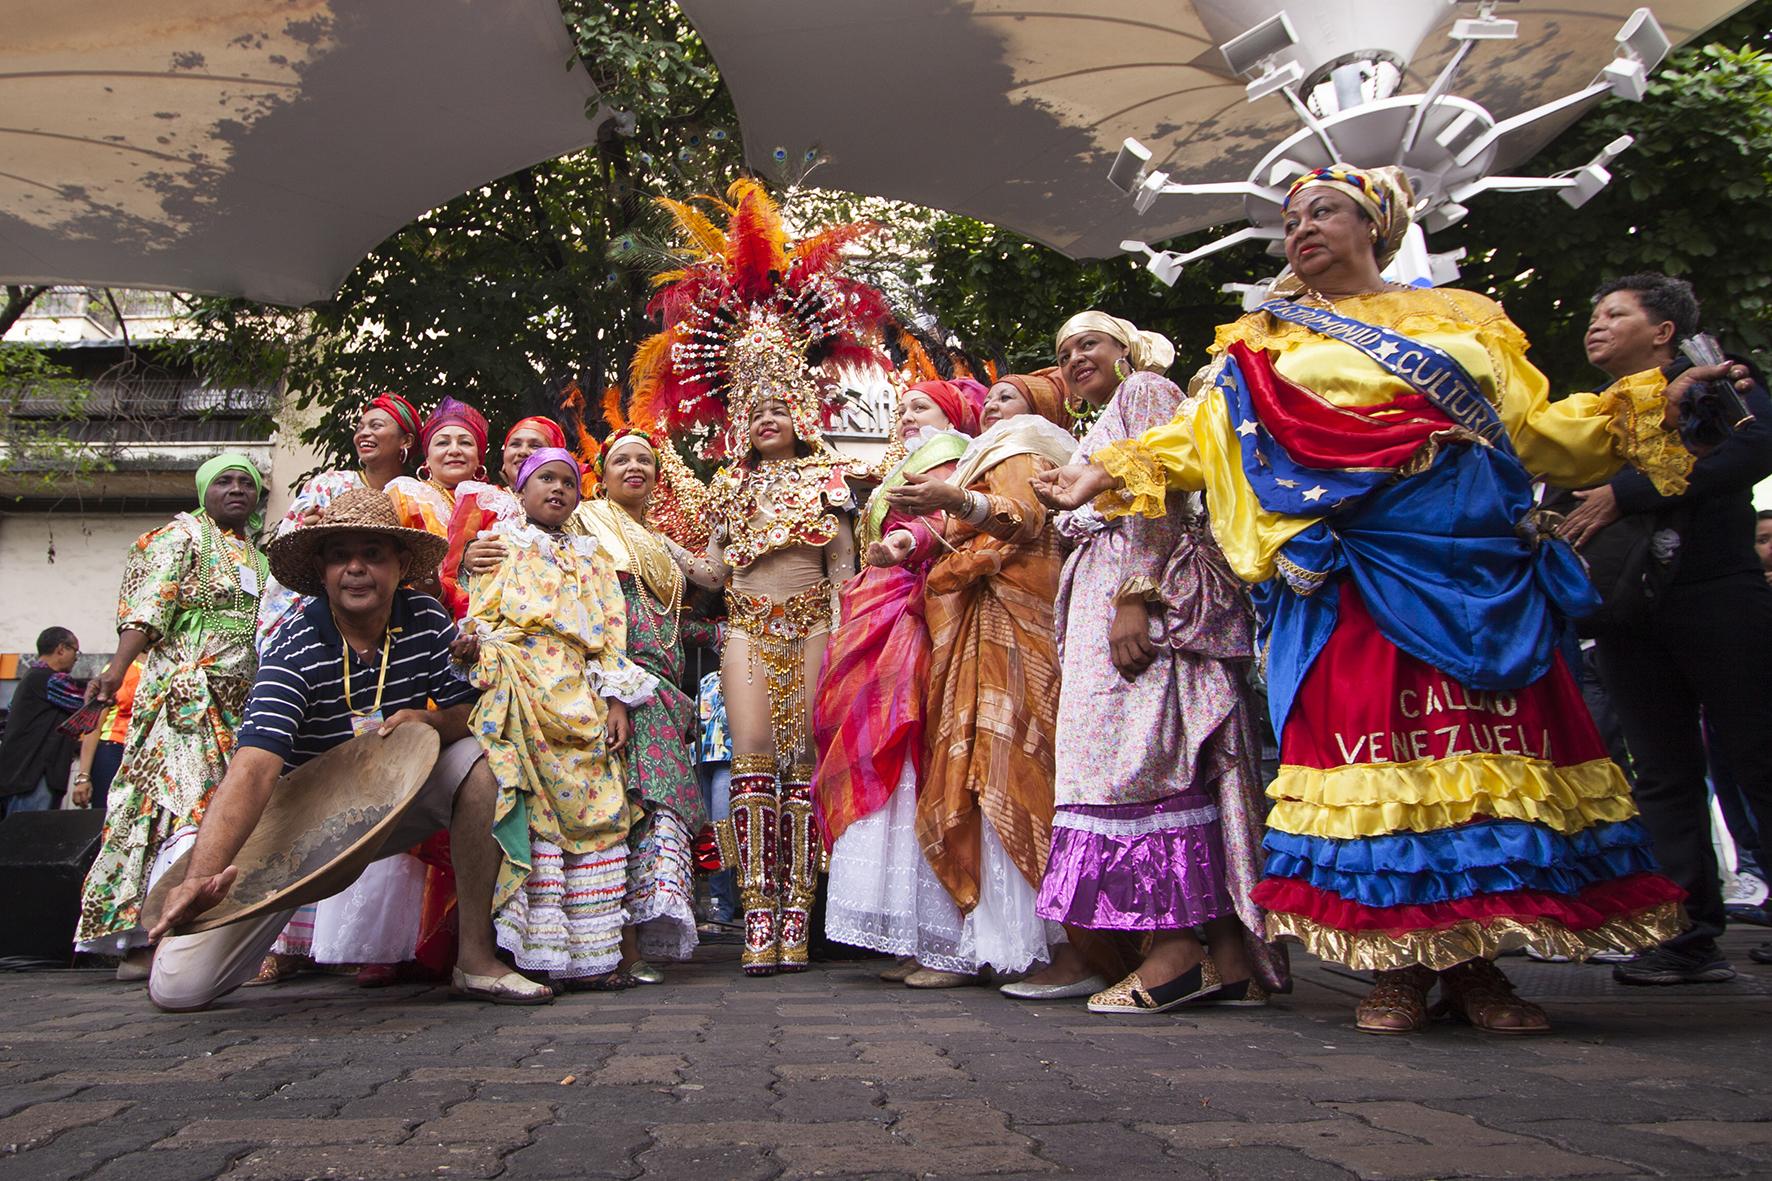 Resultado de imagen para carnavales el callao